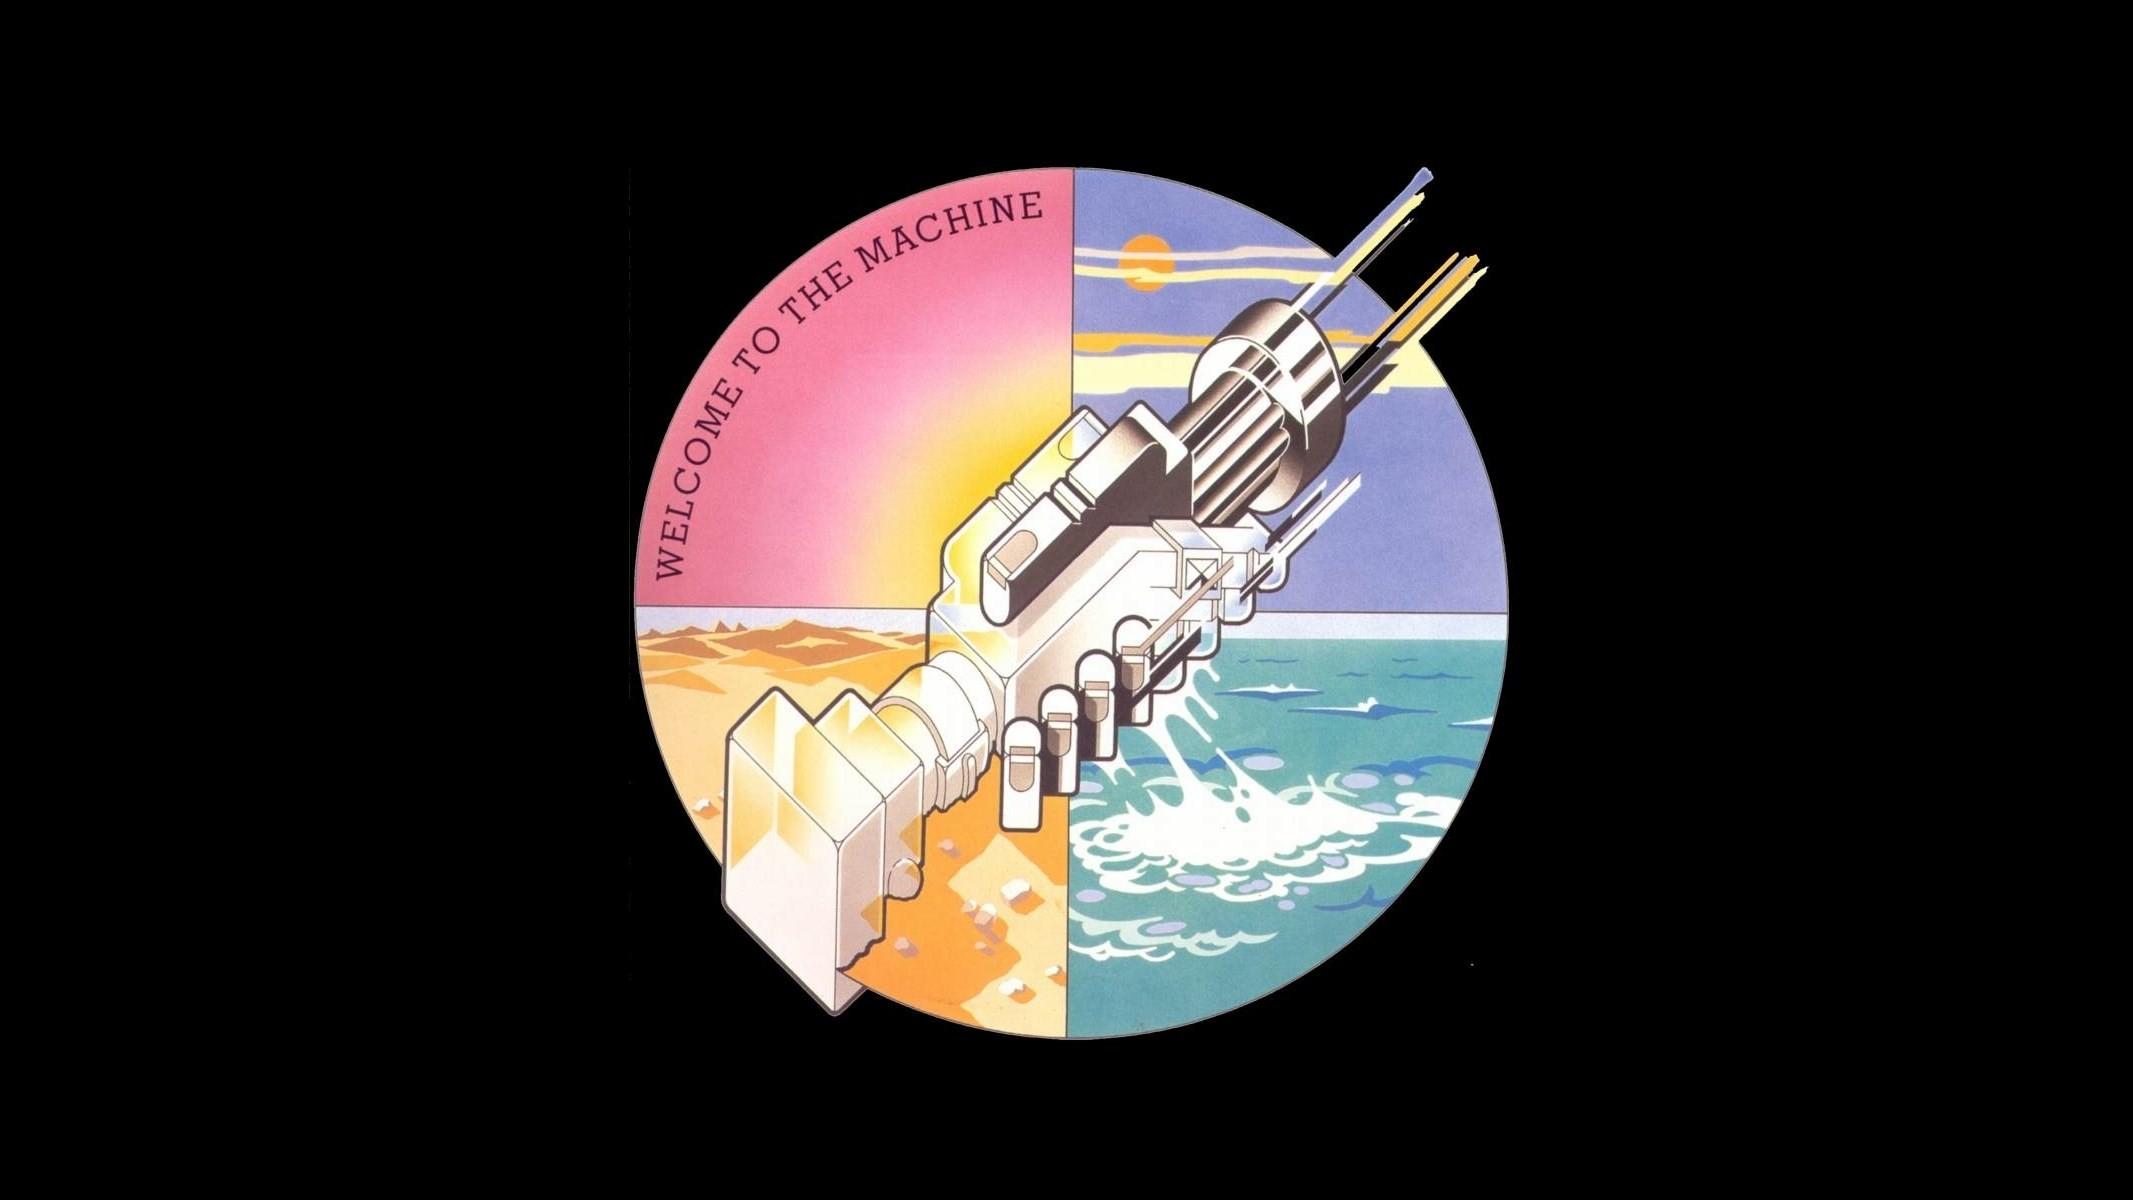 Pink Floyd Desktop Wallpaper (73+ pictures)